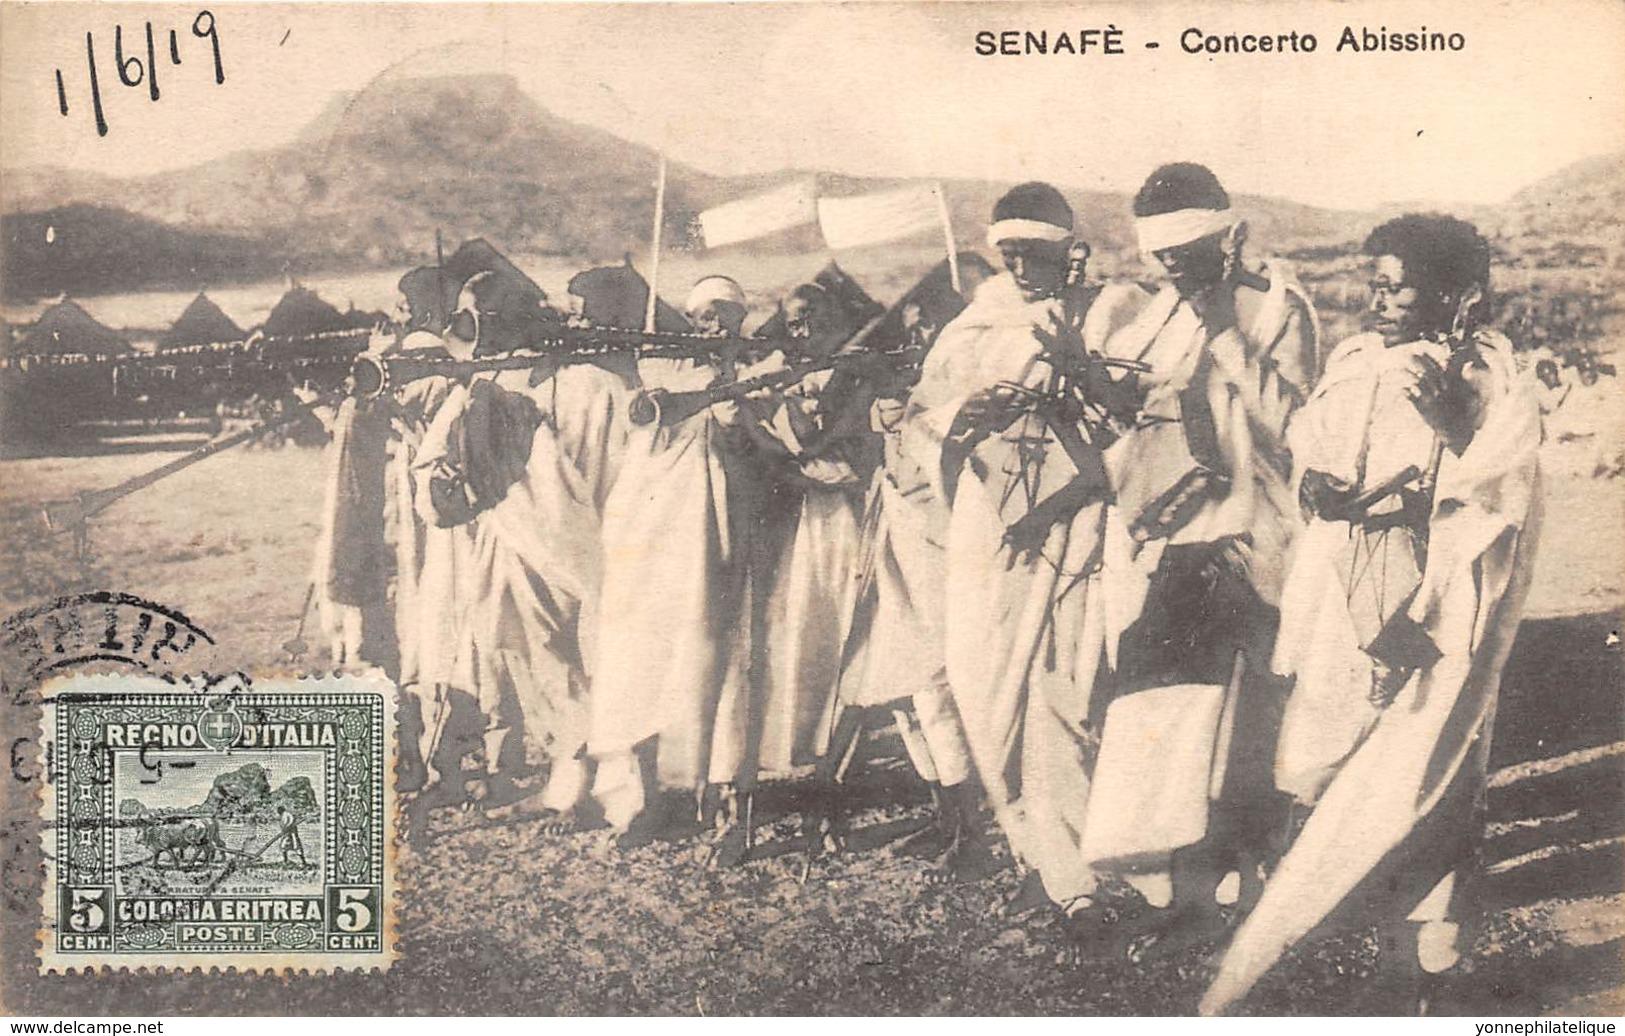 Erythrée / Topo - 37 - Senafé - Concerto Abissino - Belle Oblitération - Erythrée